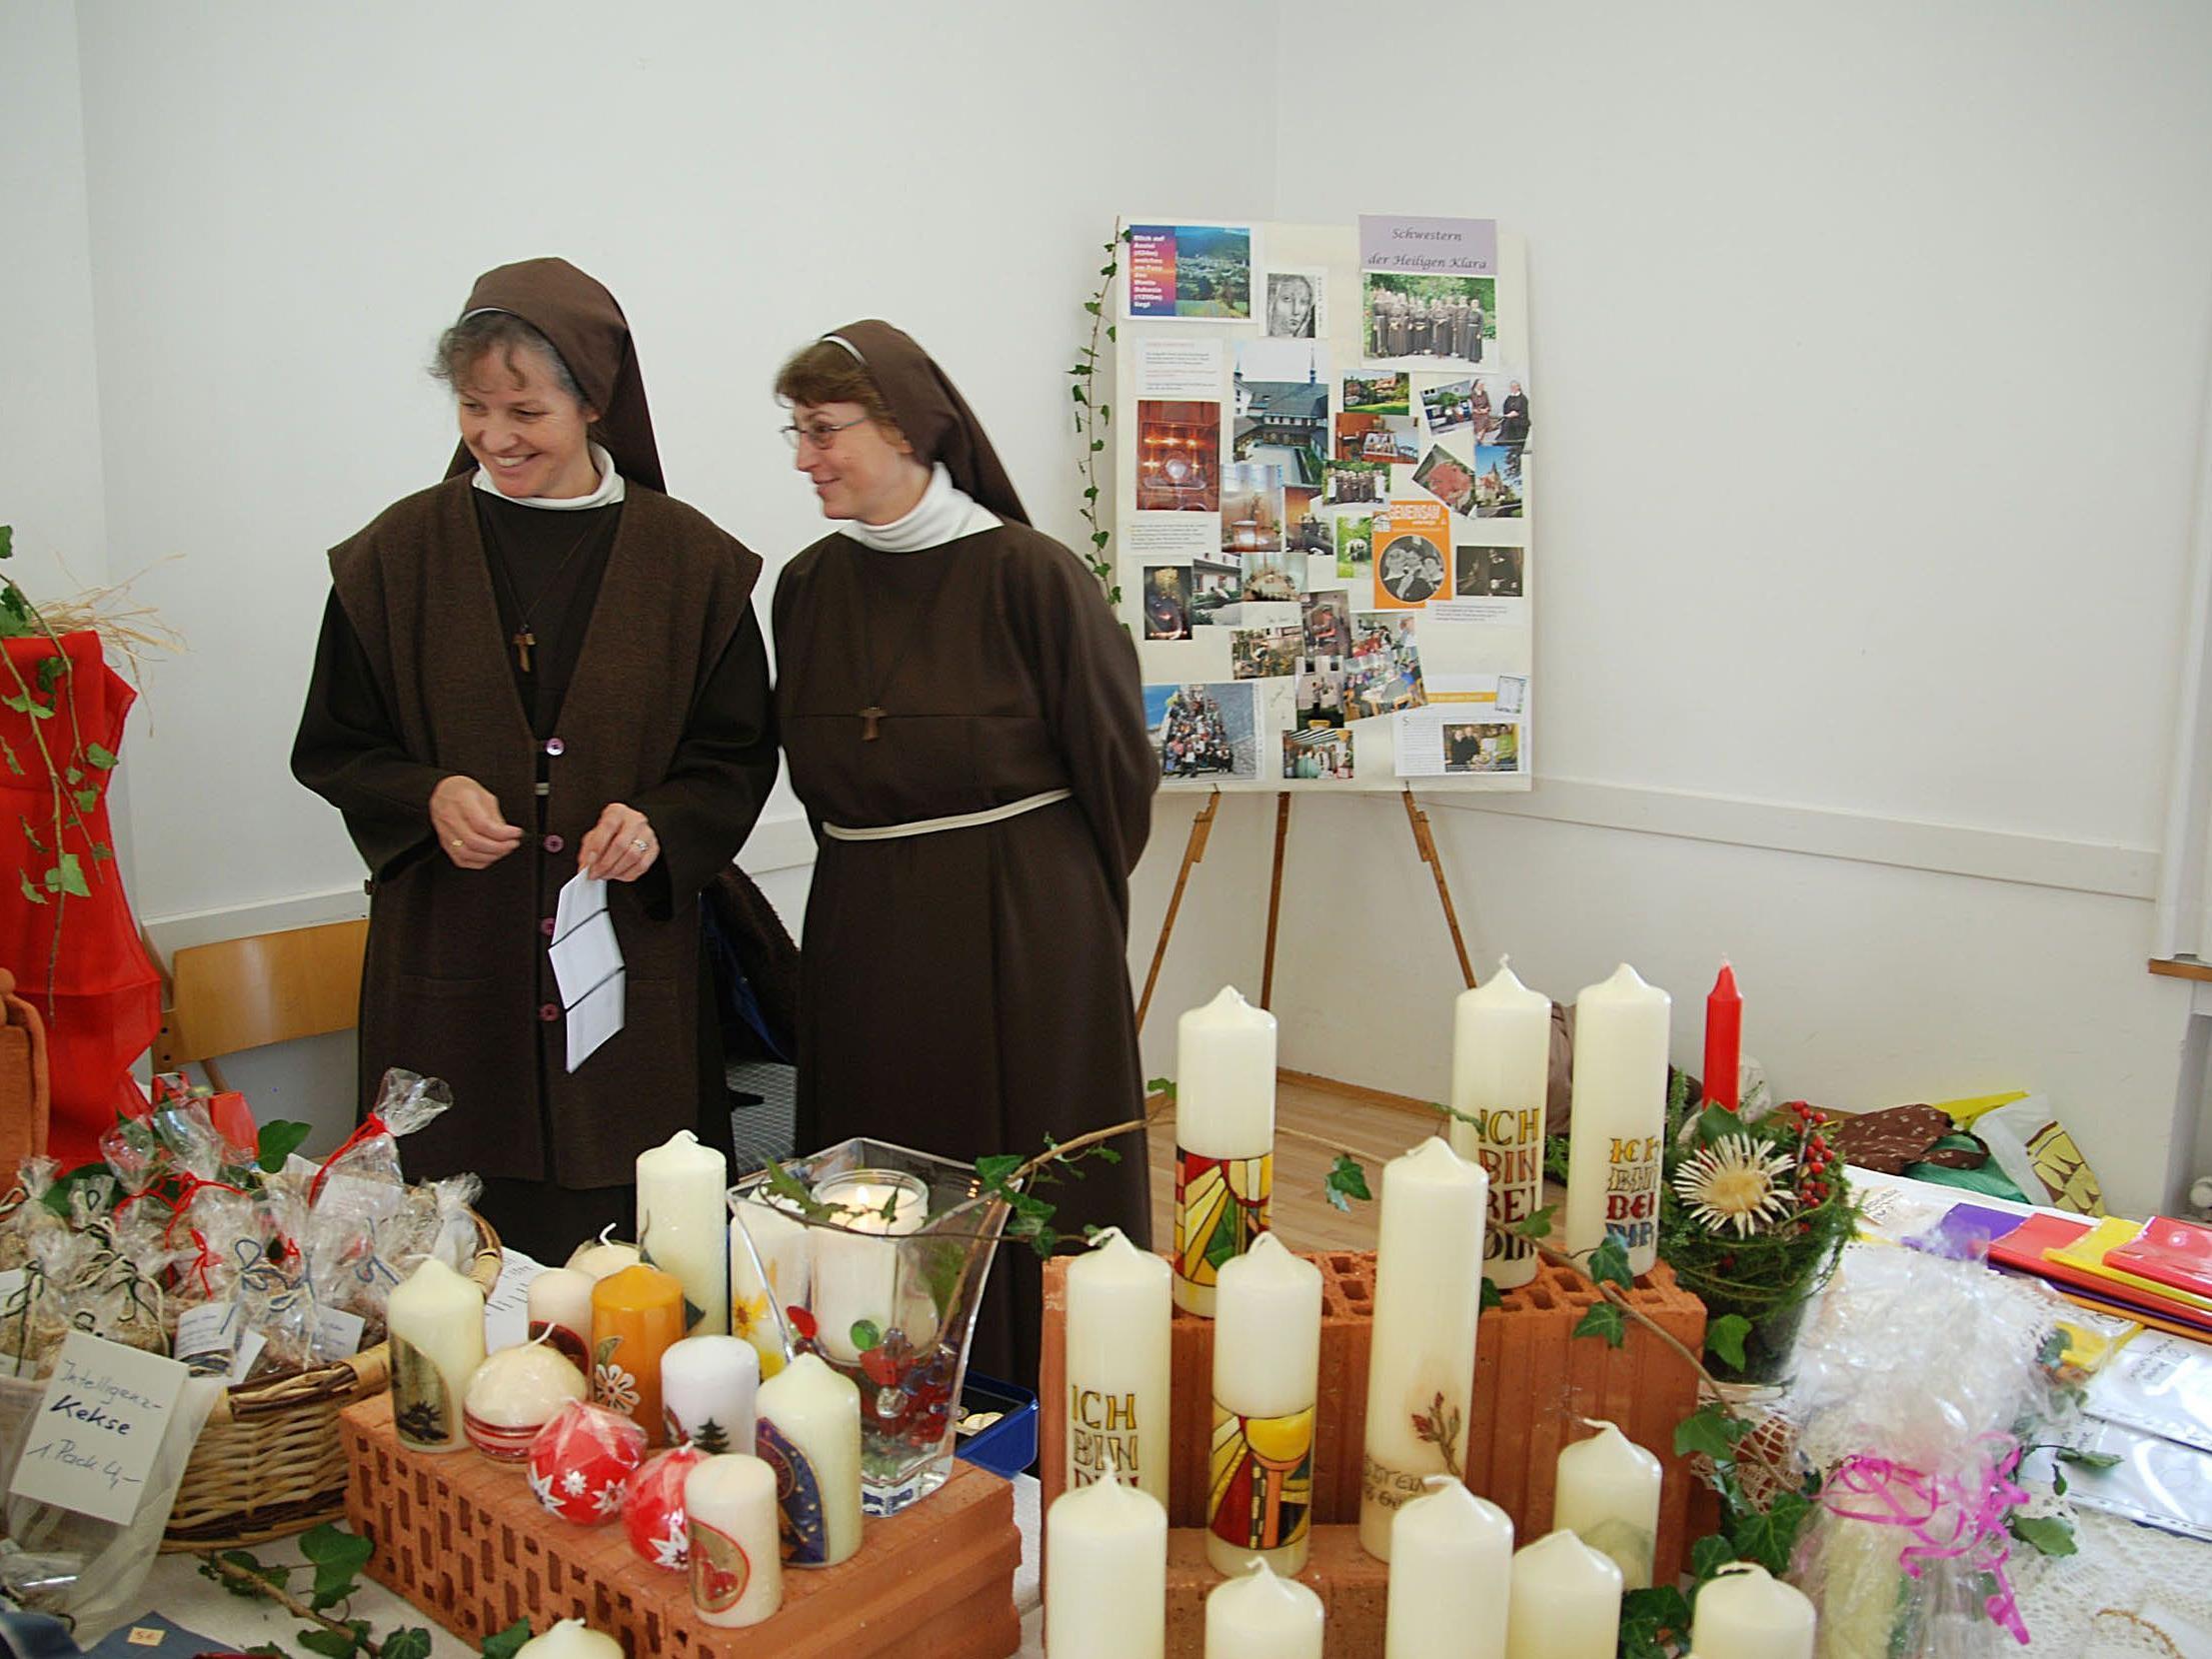 Kommenden Samstag öffnet wieder das Klostermärktle im Pfarrheim St. Gallus.